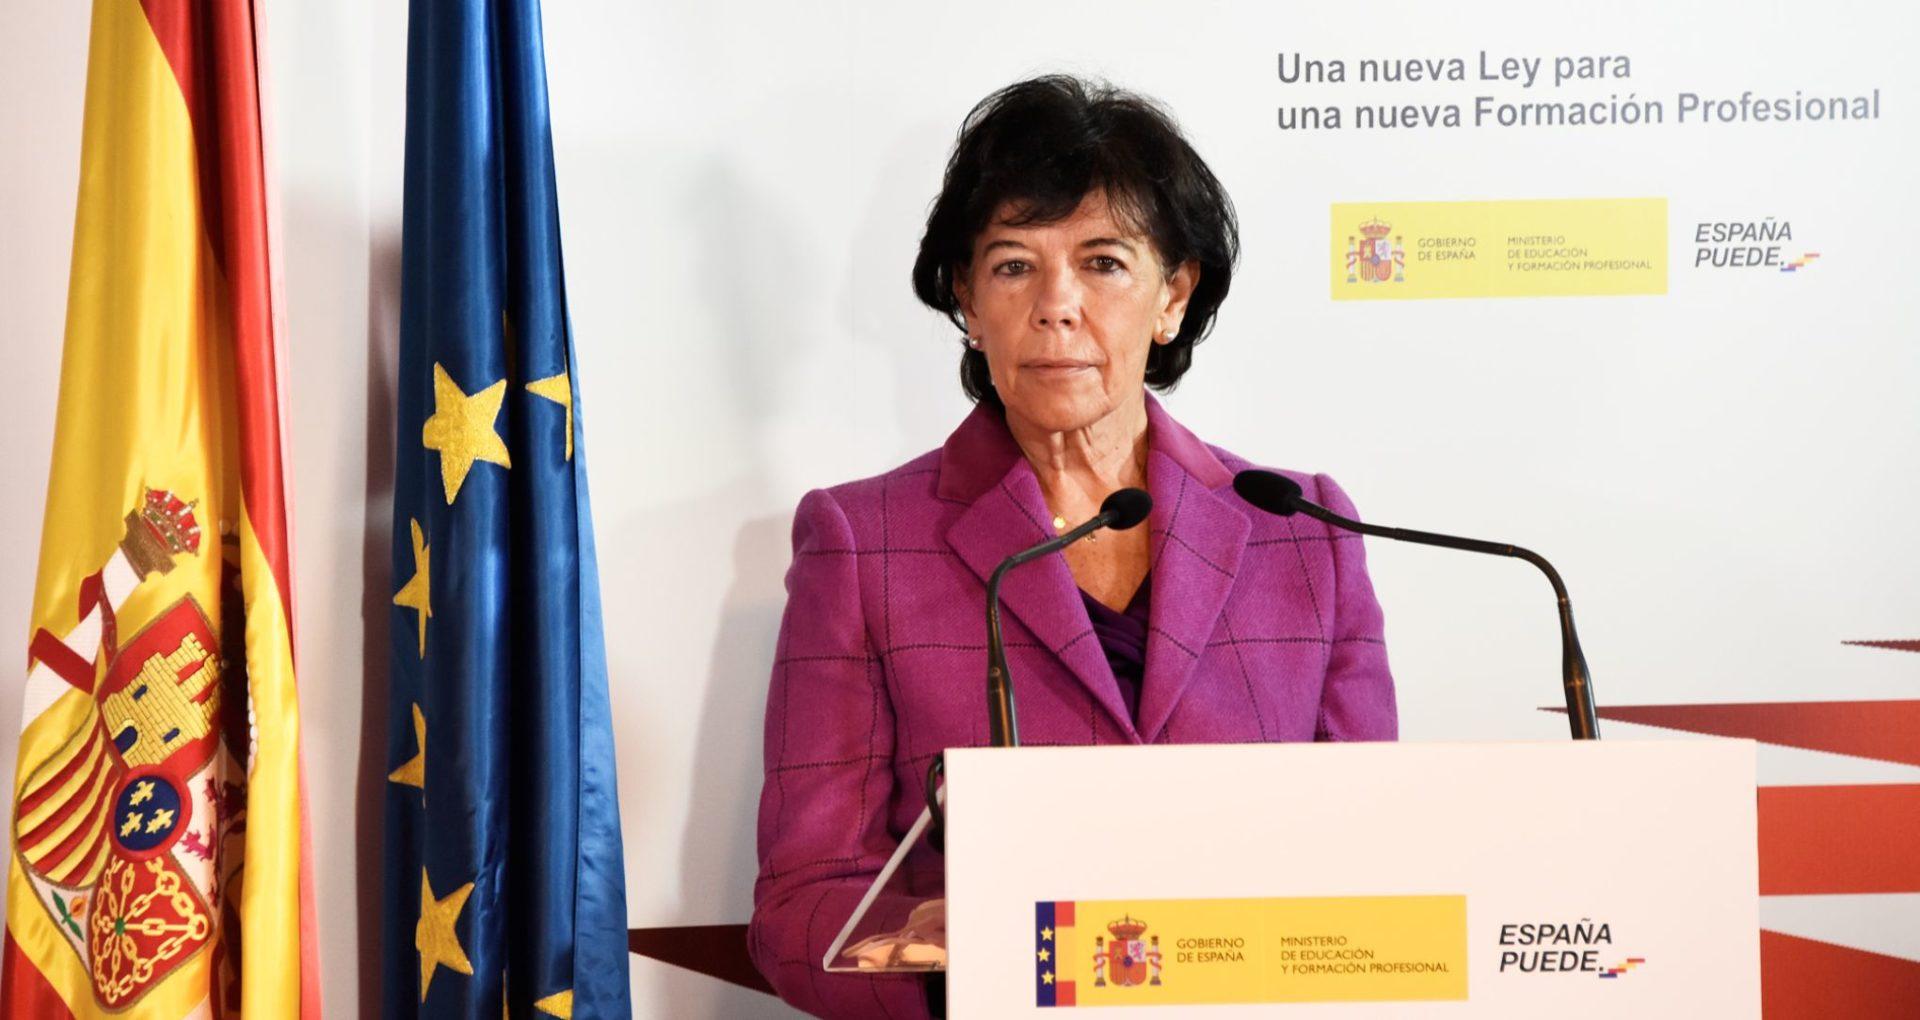 España anuncia nueva Ley para consolidar …